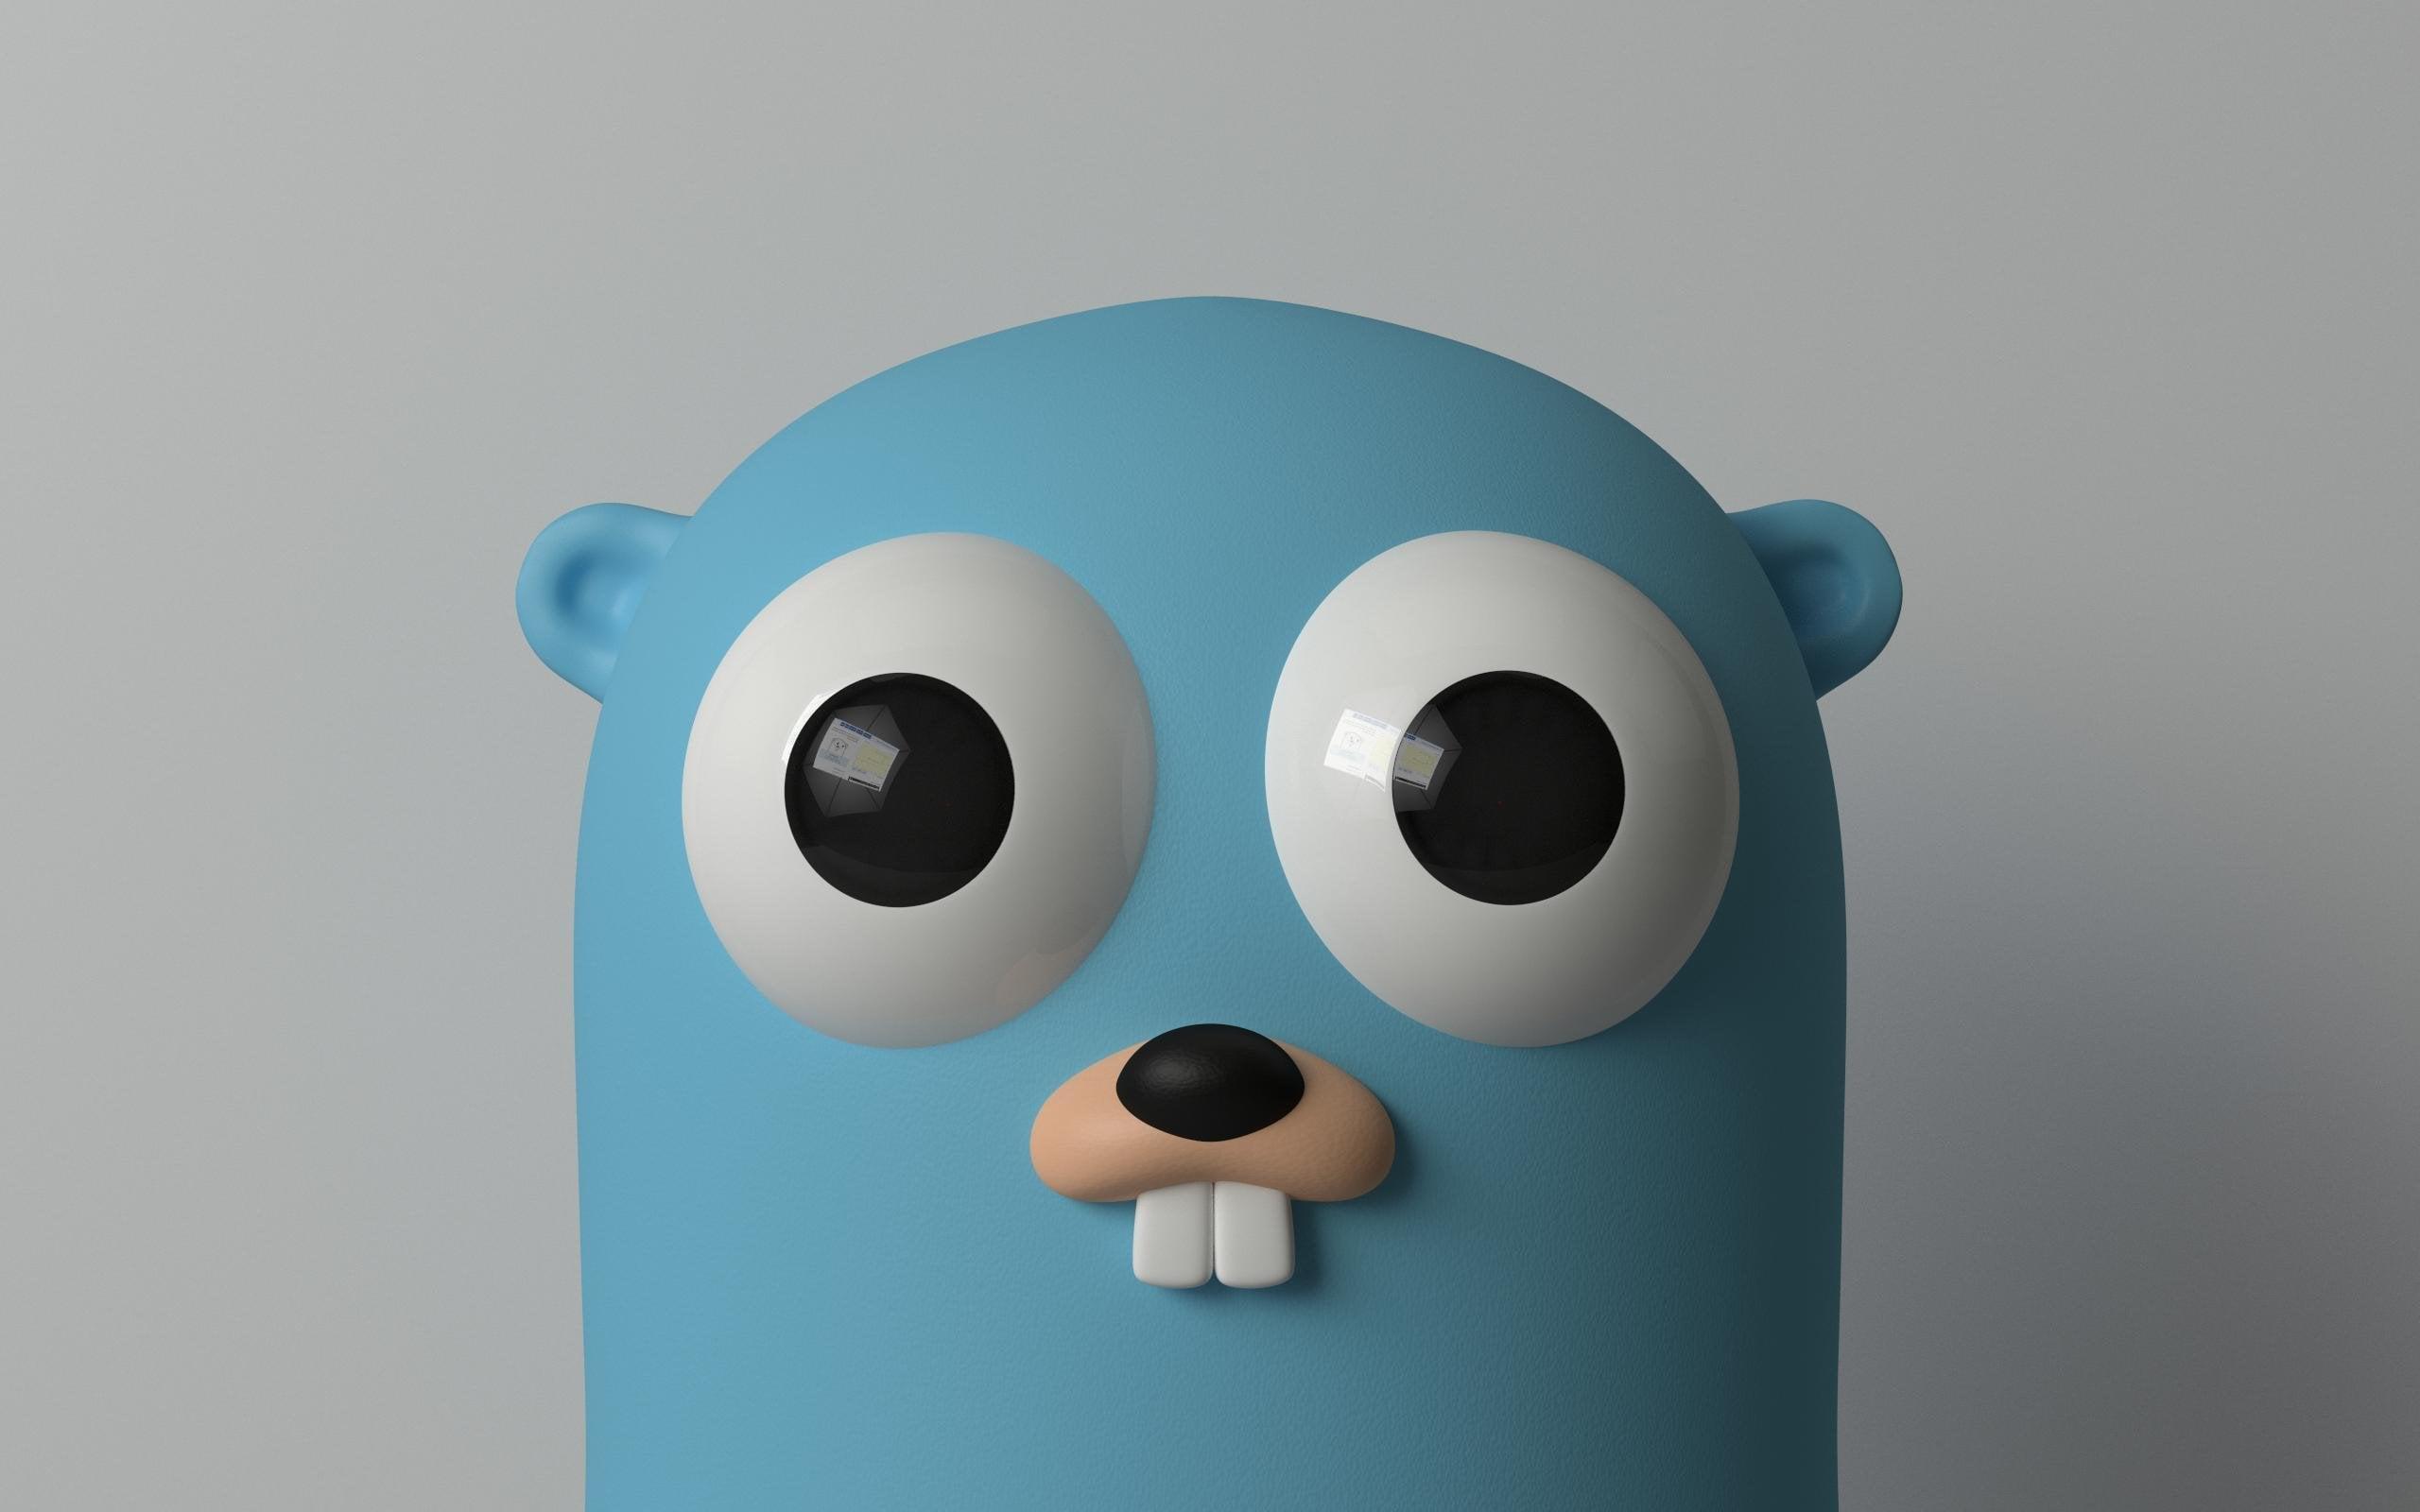 Gopher mascot wallpaper : golang